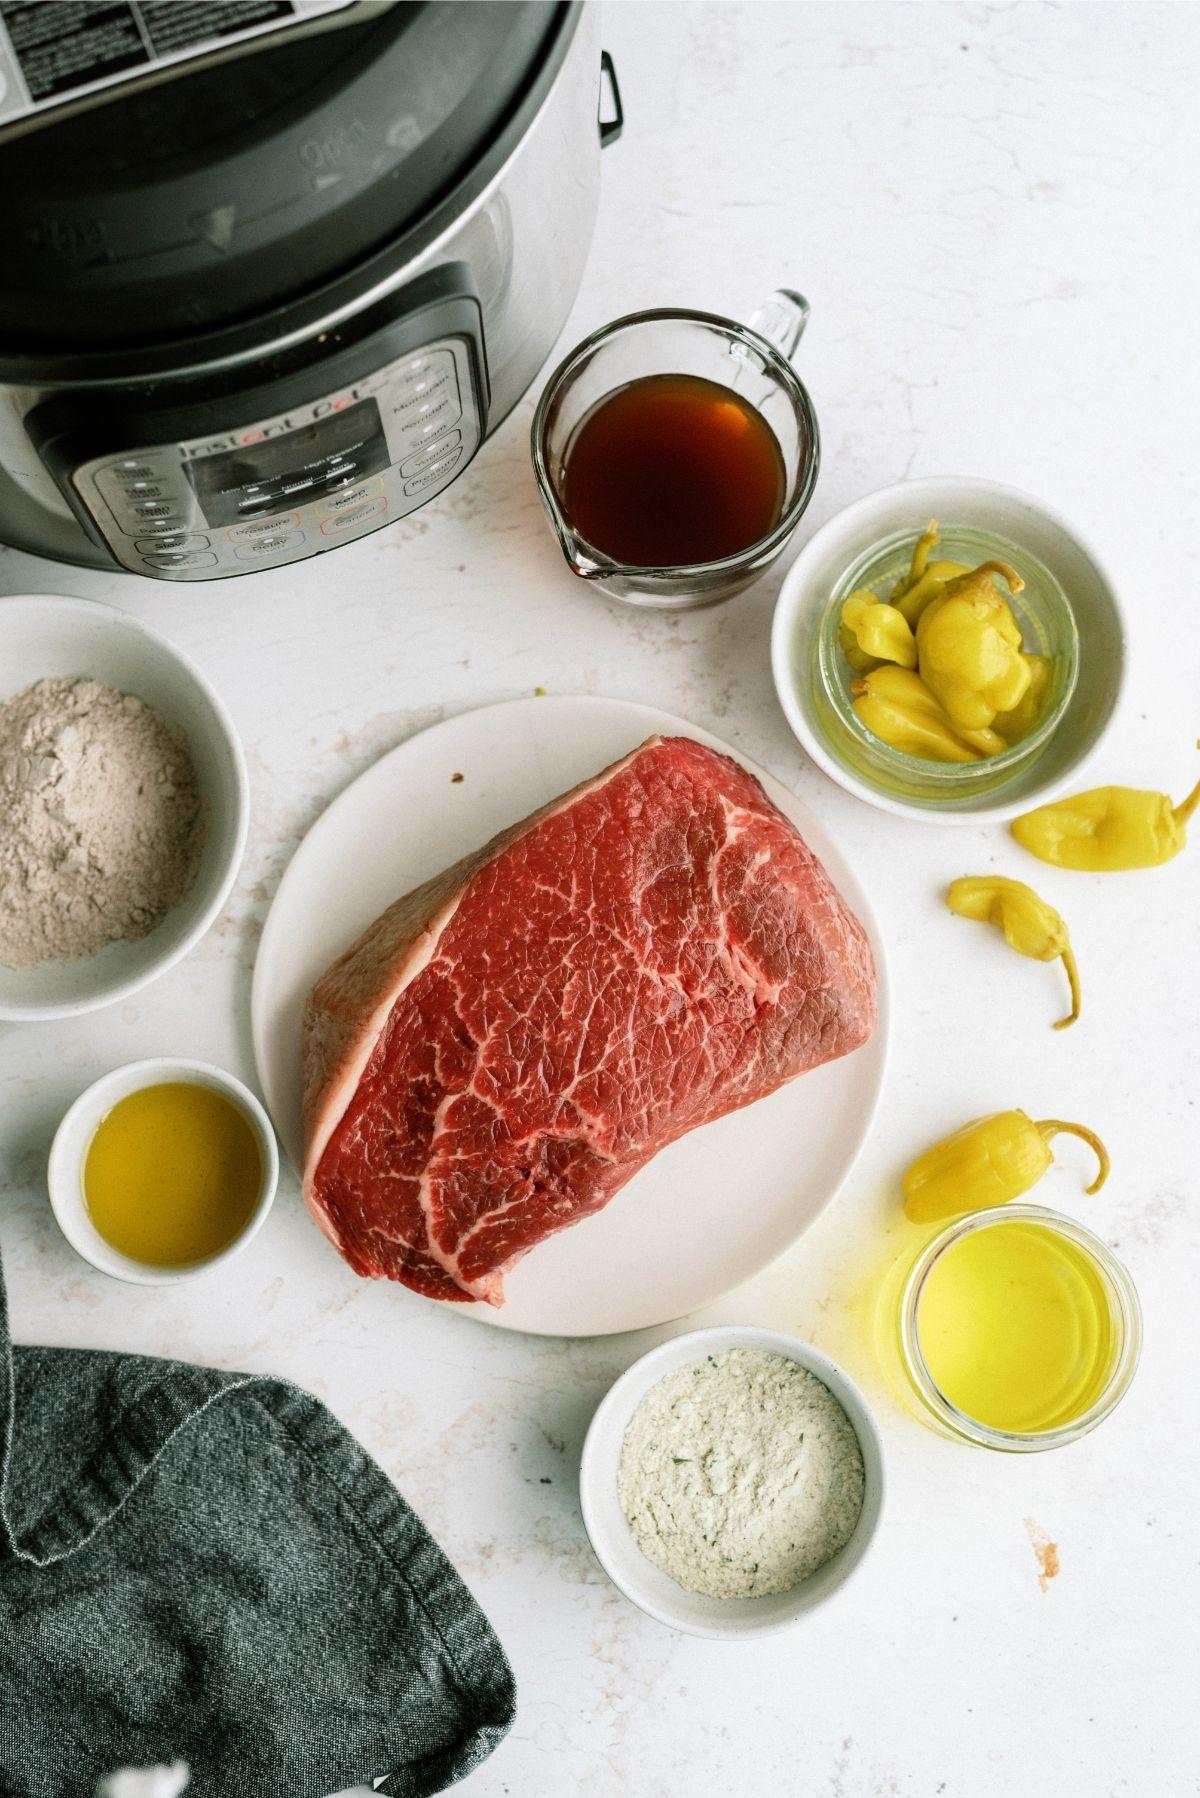 Ingredients for Instant Pot Mississippi Pot Roast